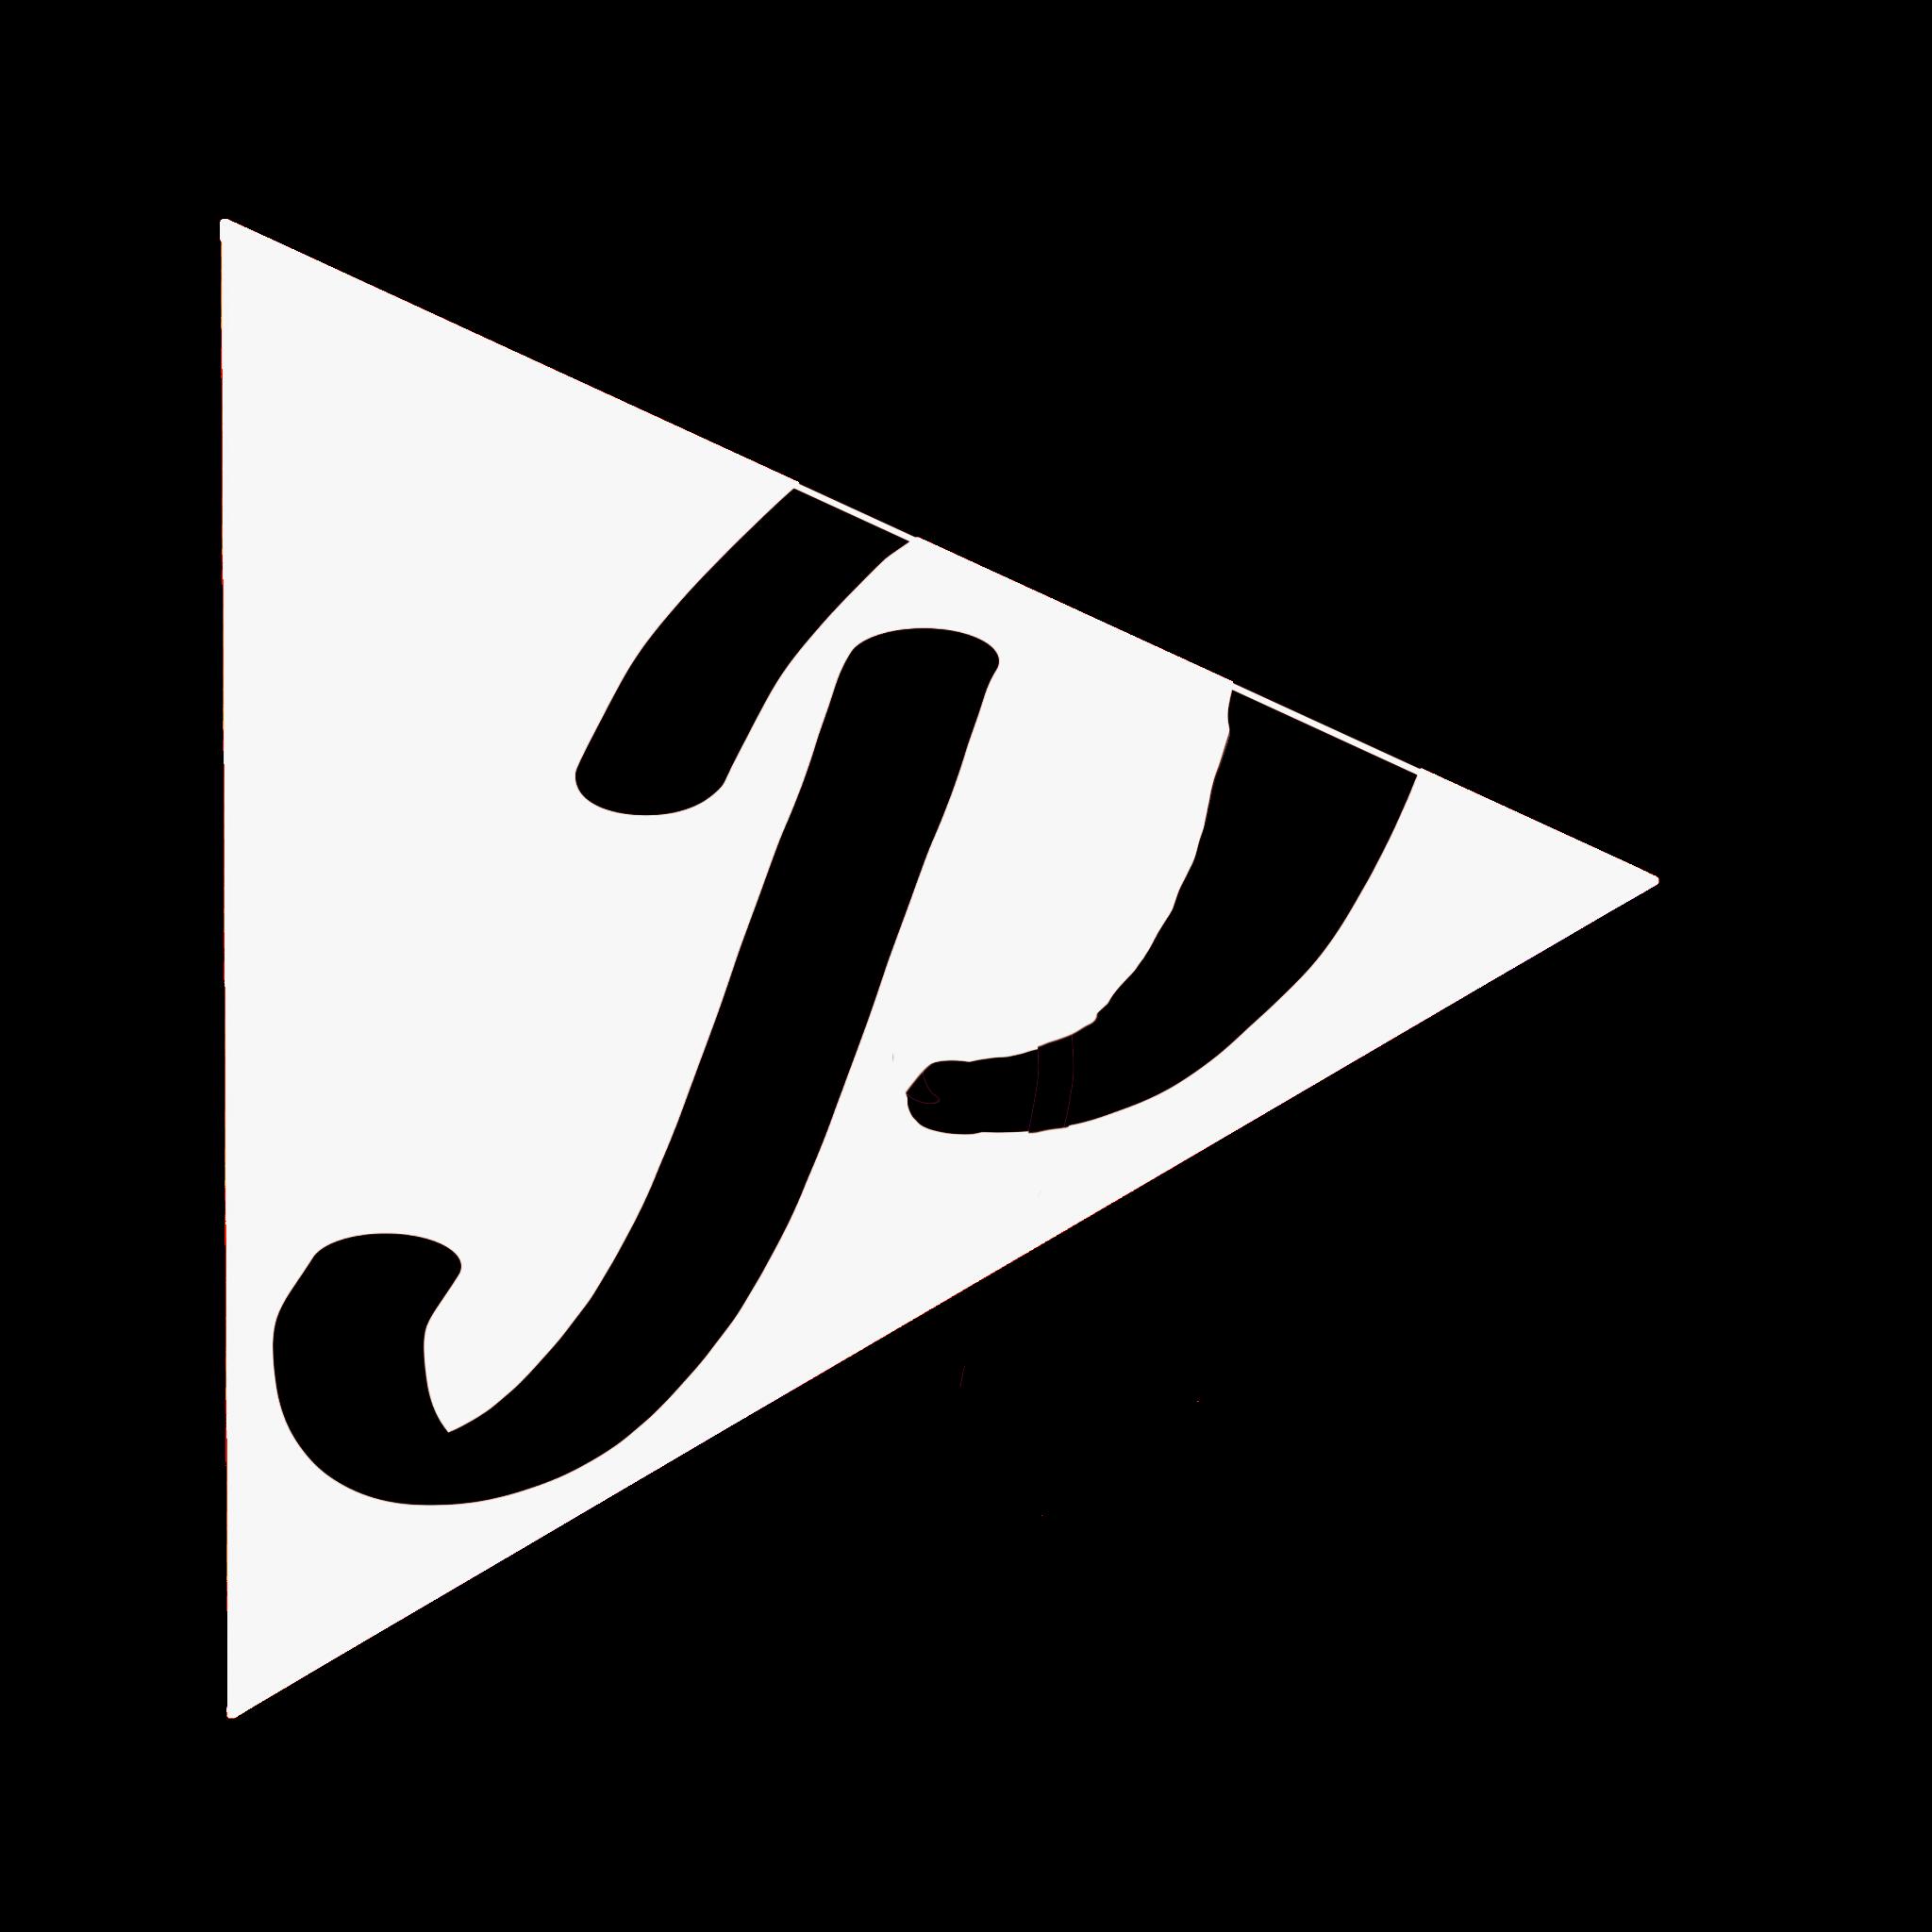 pabo | didactiek | uitleg | oefenen | wiscat